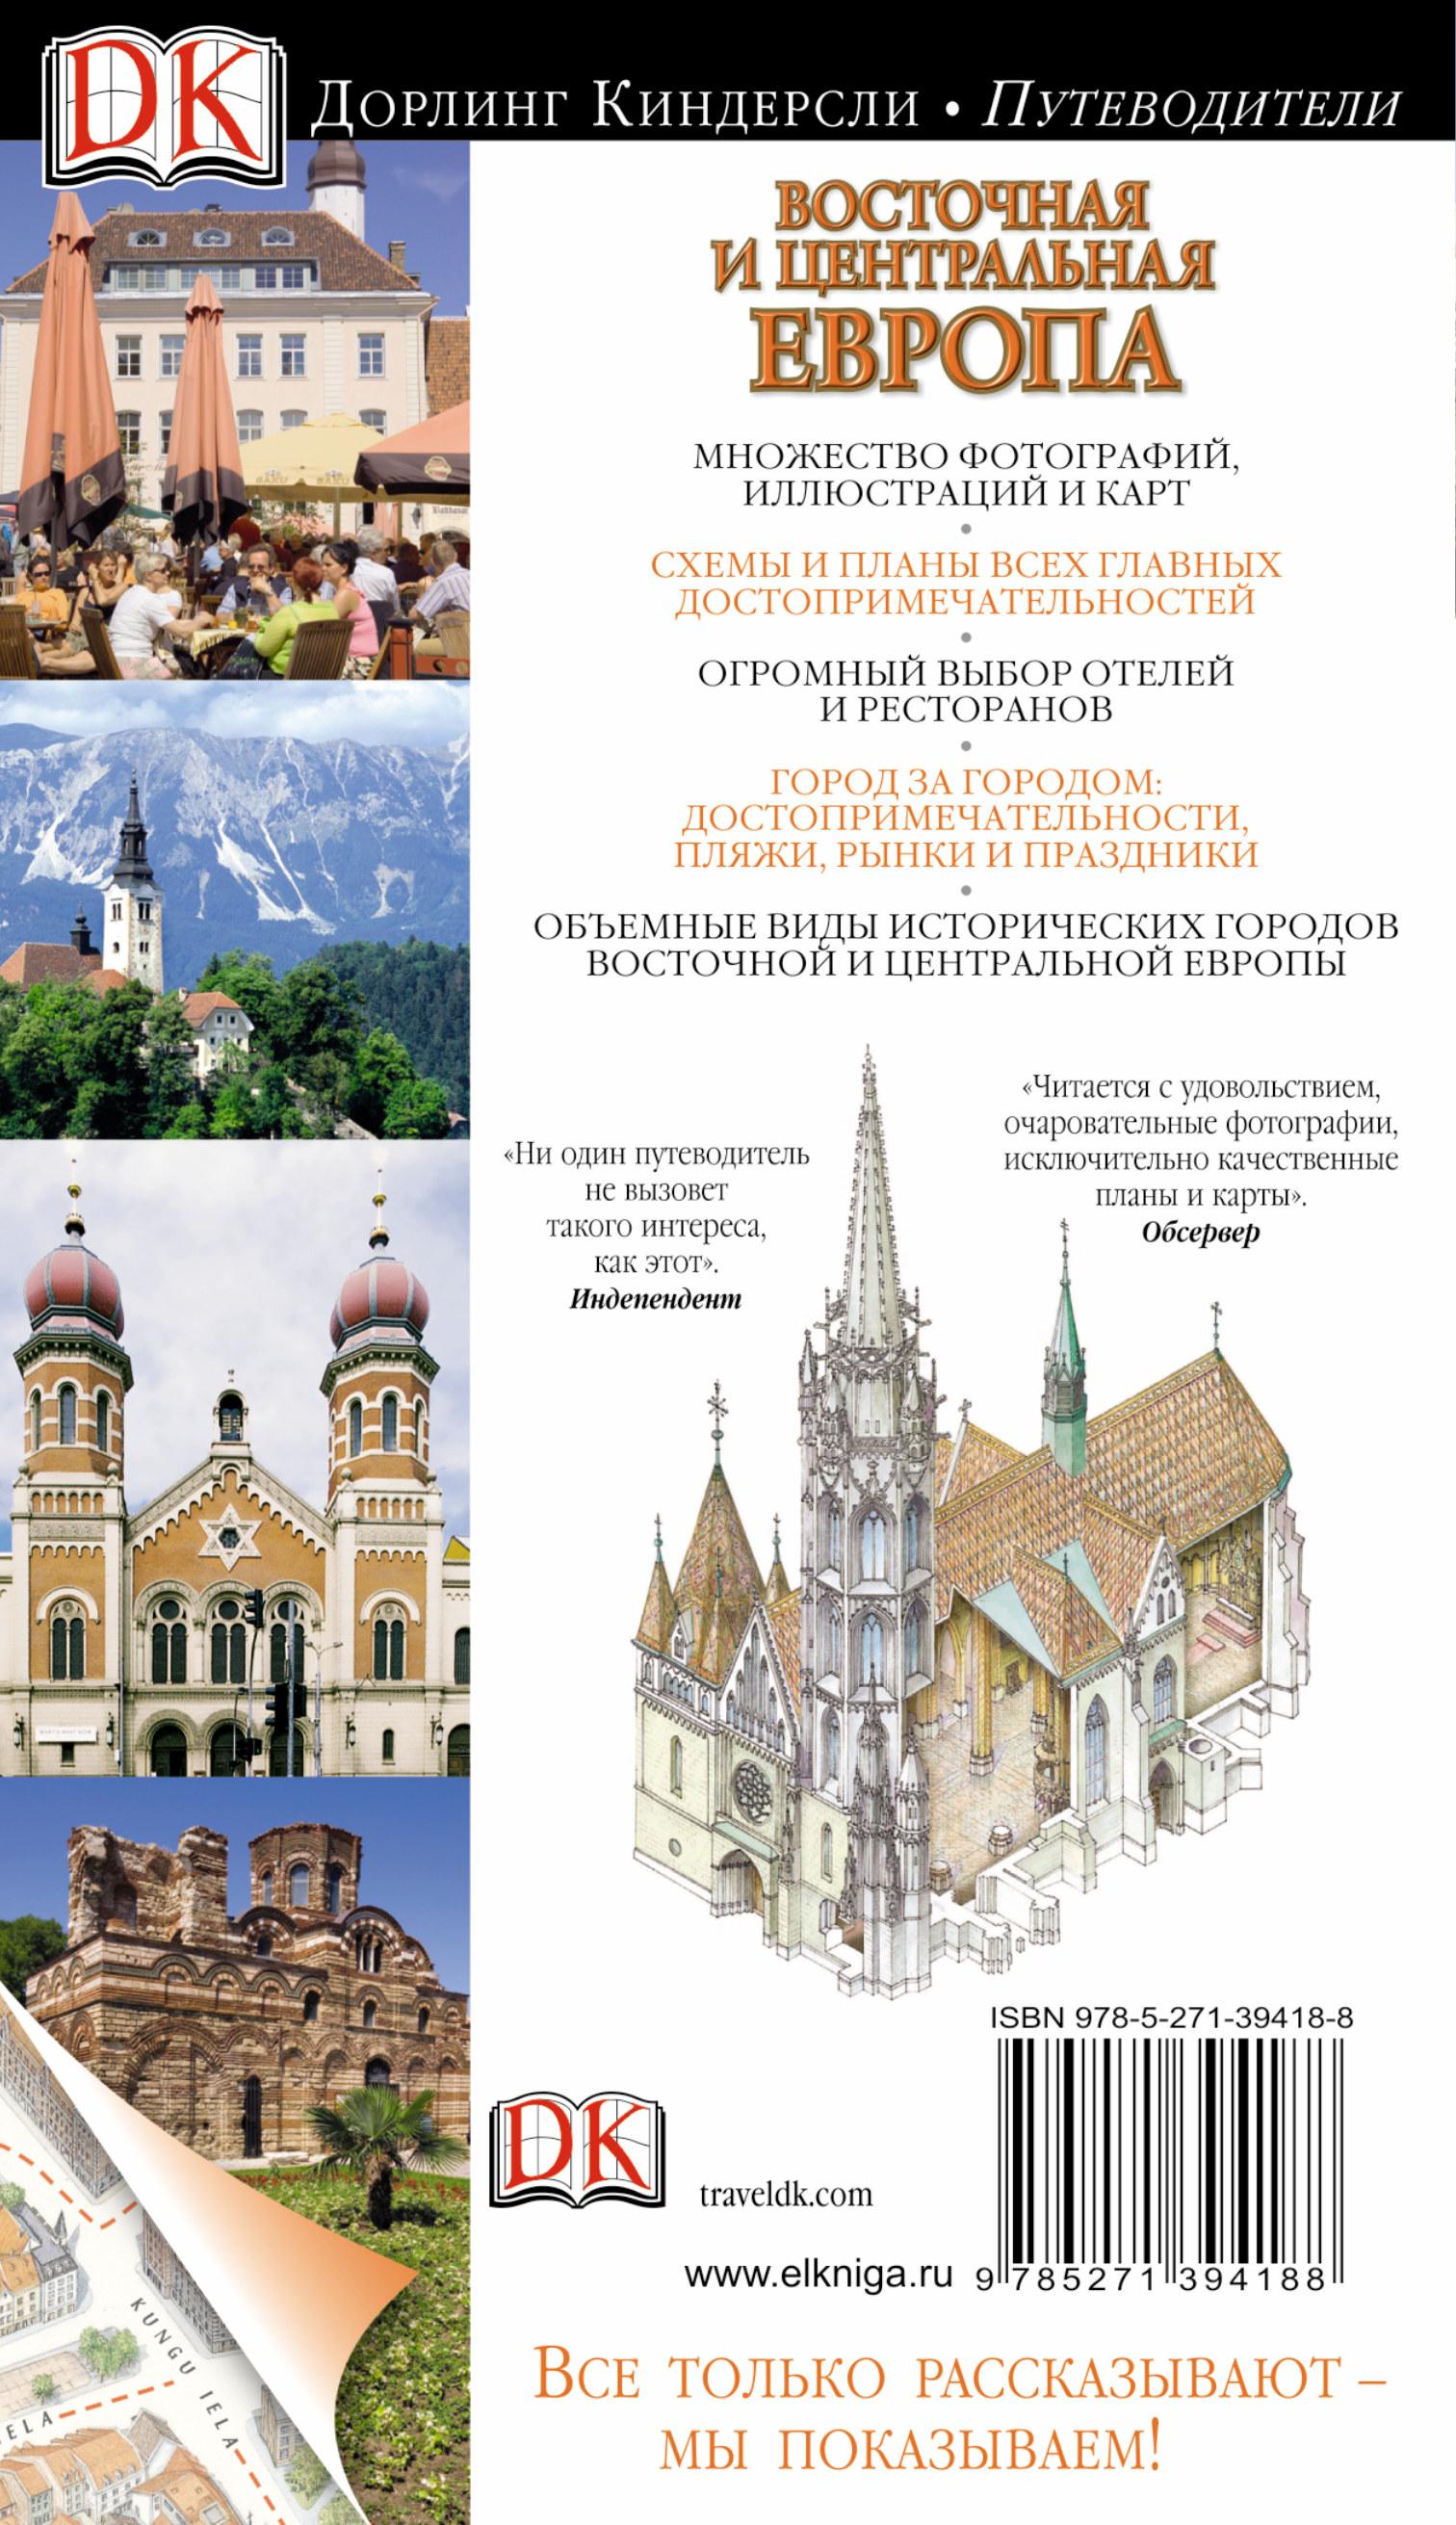 Восточная и Центральная Европа. Путеводитель, Джонатан Боусфилд, Мэтью Уиллис